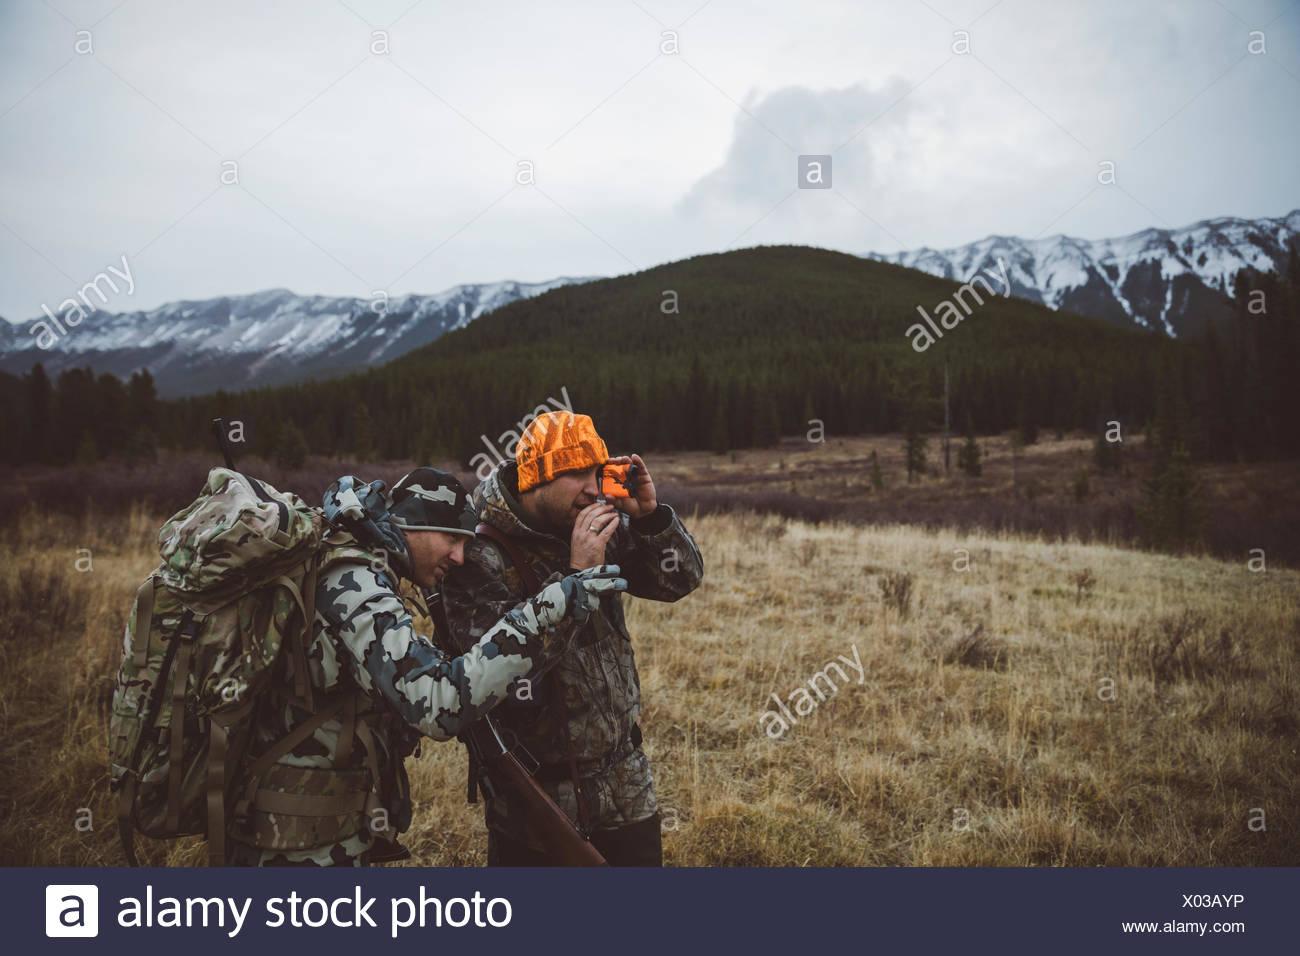 Military friend finder